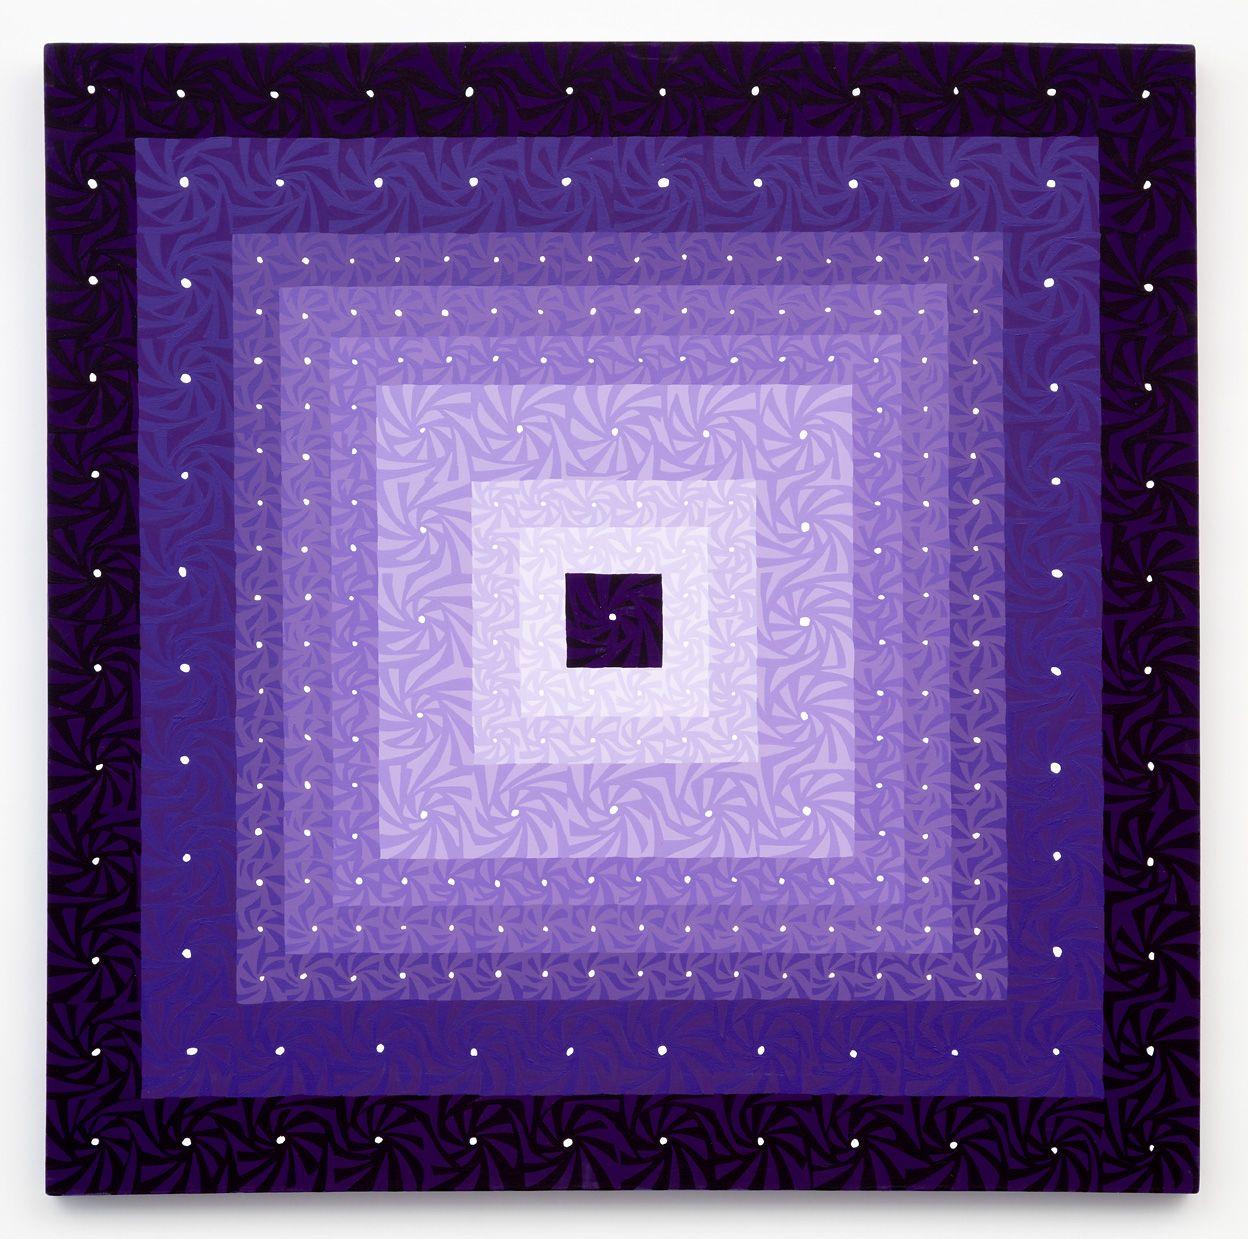 Story of Purple, 2016, Acrylic on panel